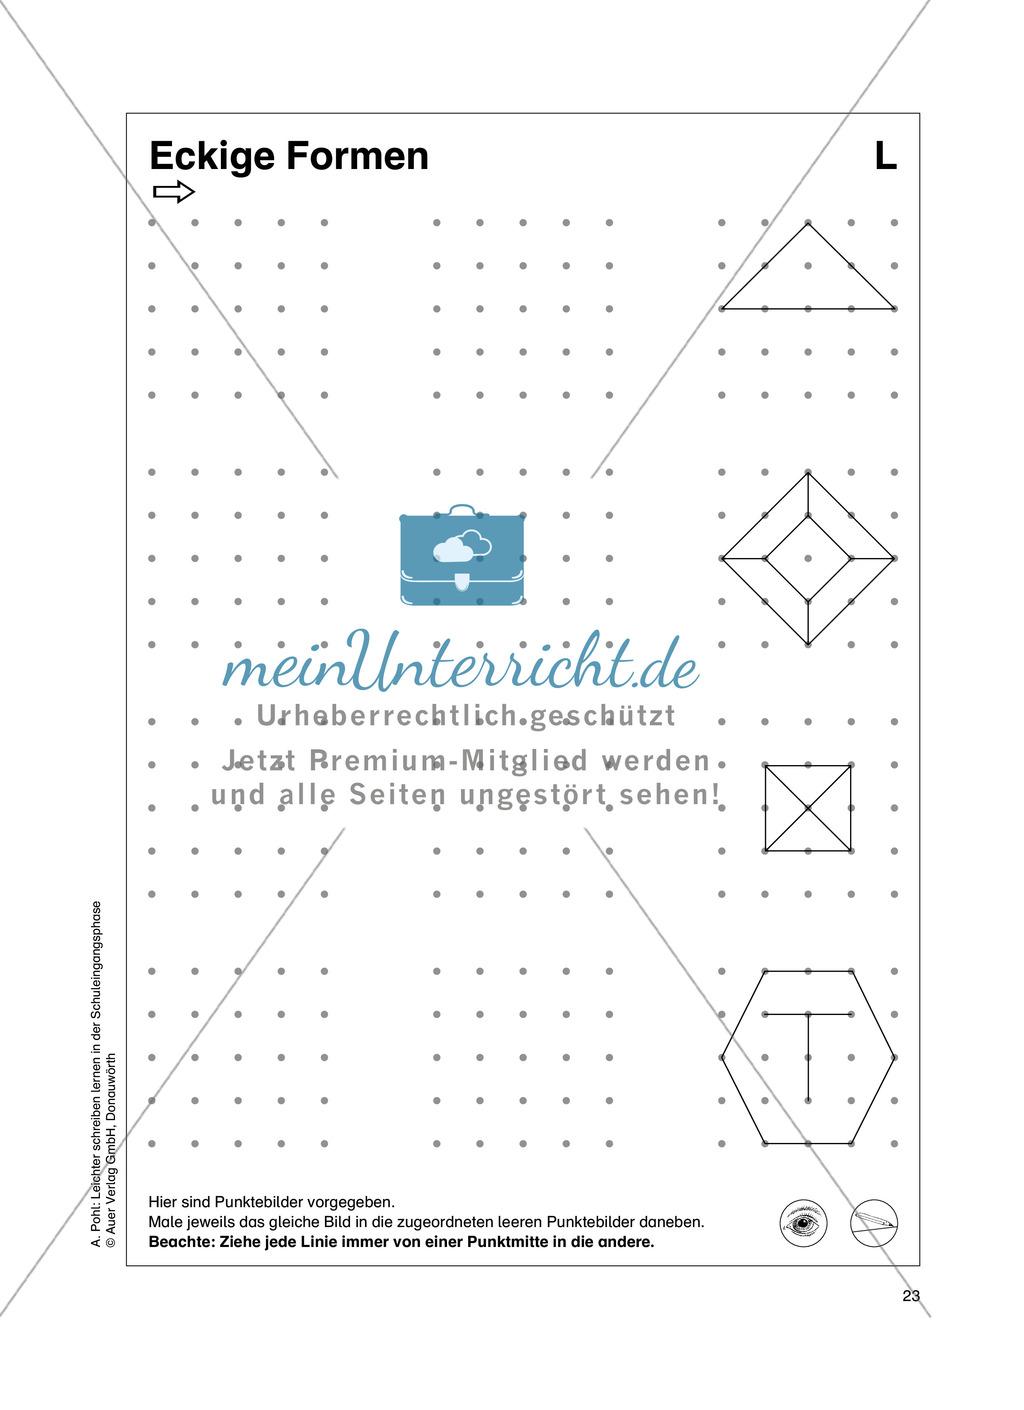 """Feinmotorik und Wahrnehmung: """"Waagrechte - Senkrechte -Schräge Linien malen und schreiben"""" - Arbeitsblätter +Übungen Preview 14"""